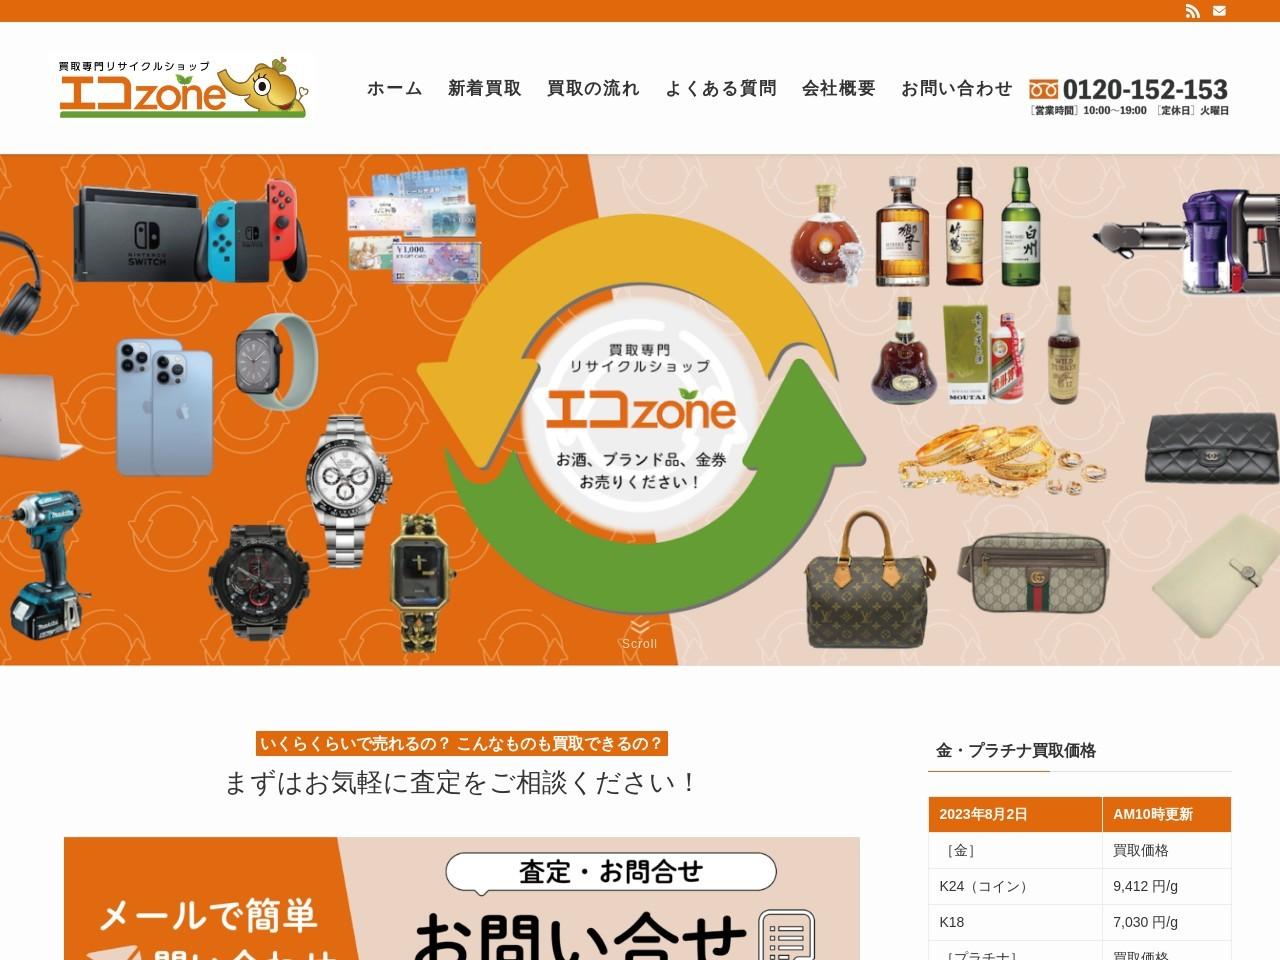 長崎県佐世保市・買取総合リサイクルショップ エコゾーン